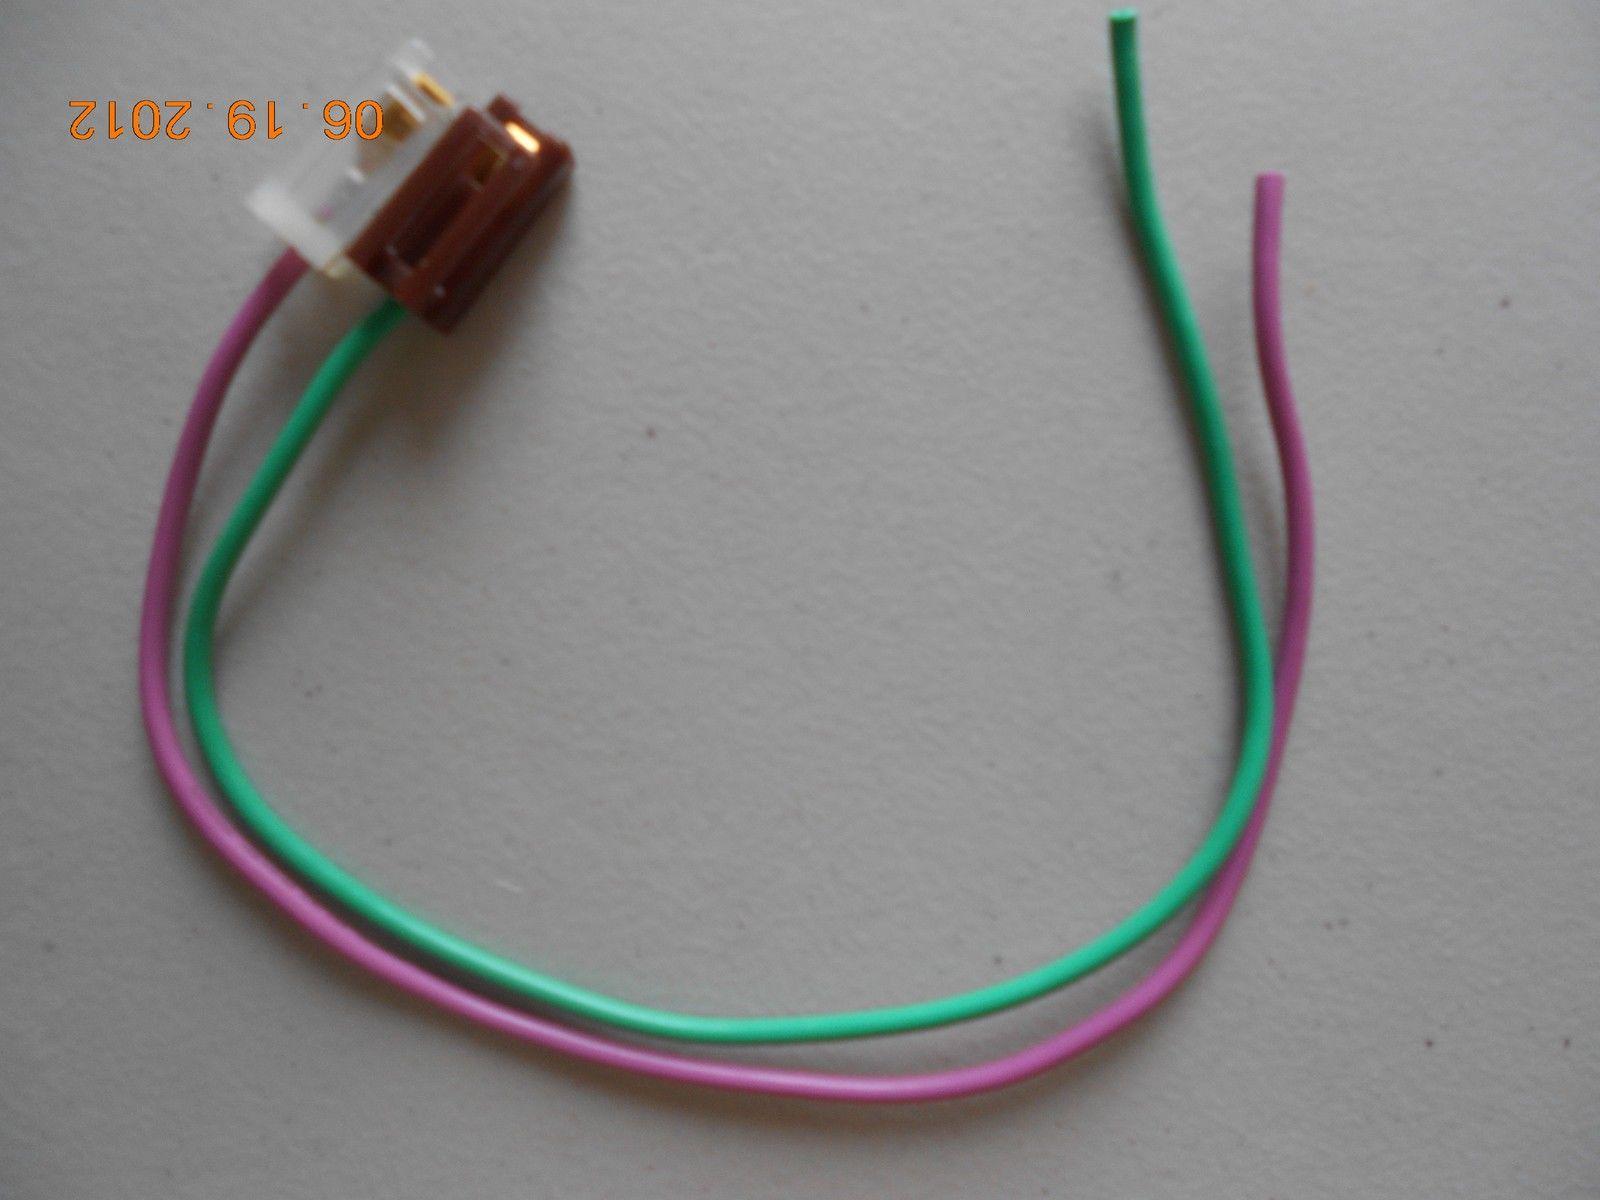 AMC/JEEP INLINE 40 40 40 40 CYLINDER HEI DISTRIBUTOR RED Plug Wires USA CJ40  CJ40